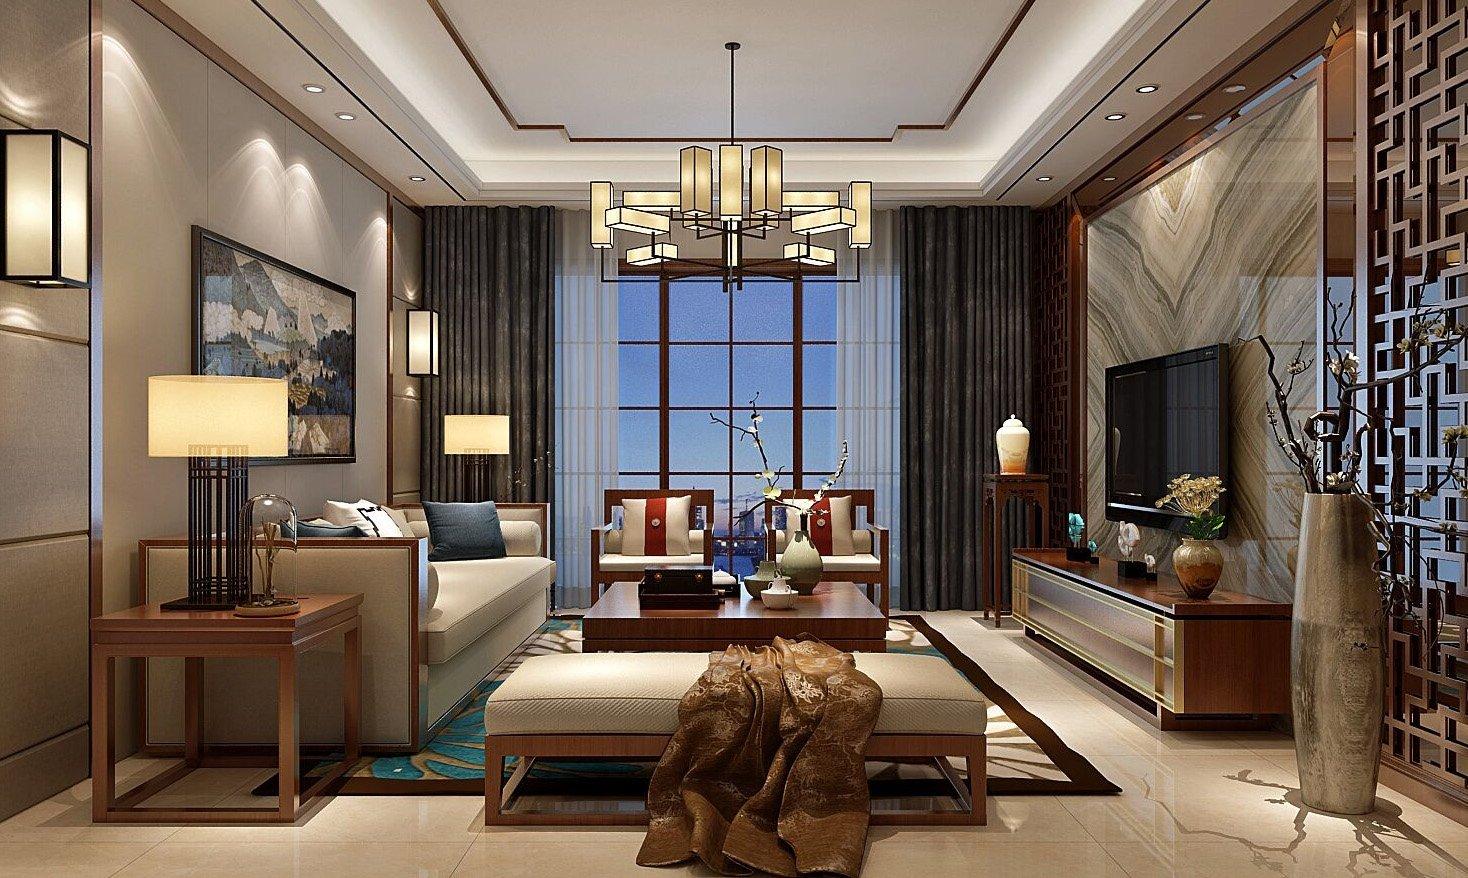 现代中式别墅客厅吊灯效果图